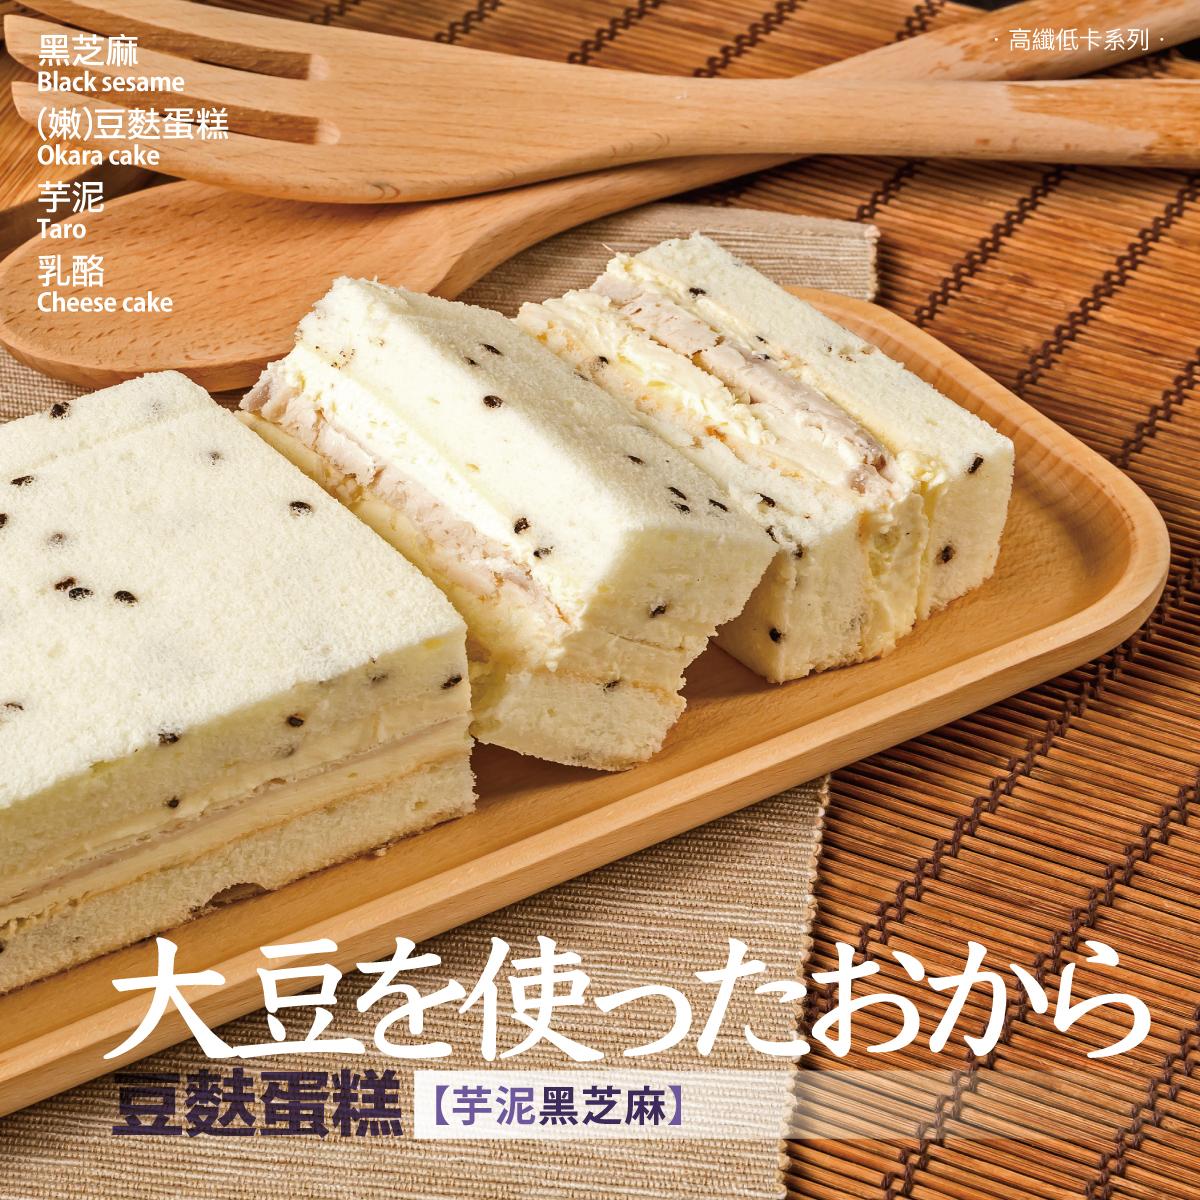 山田村一『低卡豆麩蛋糕』口味:芋泥黑芝麻